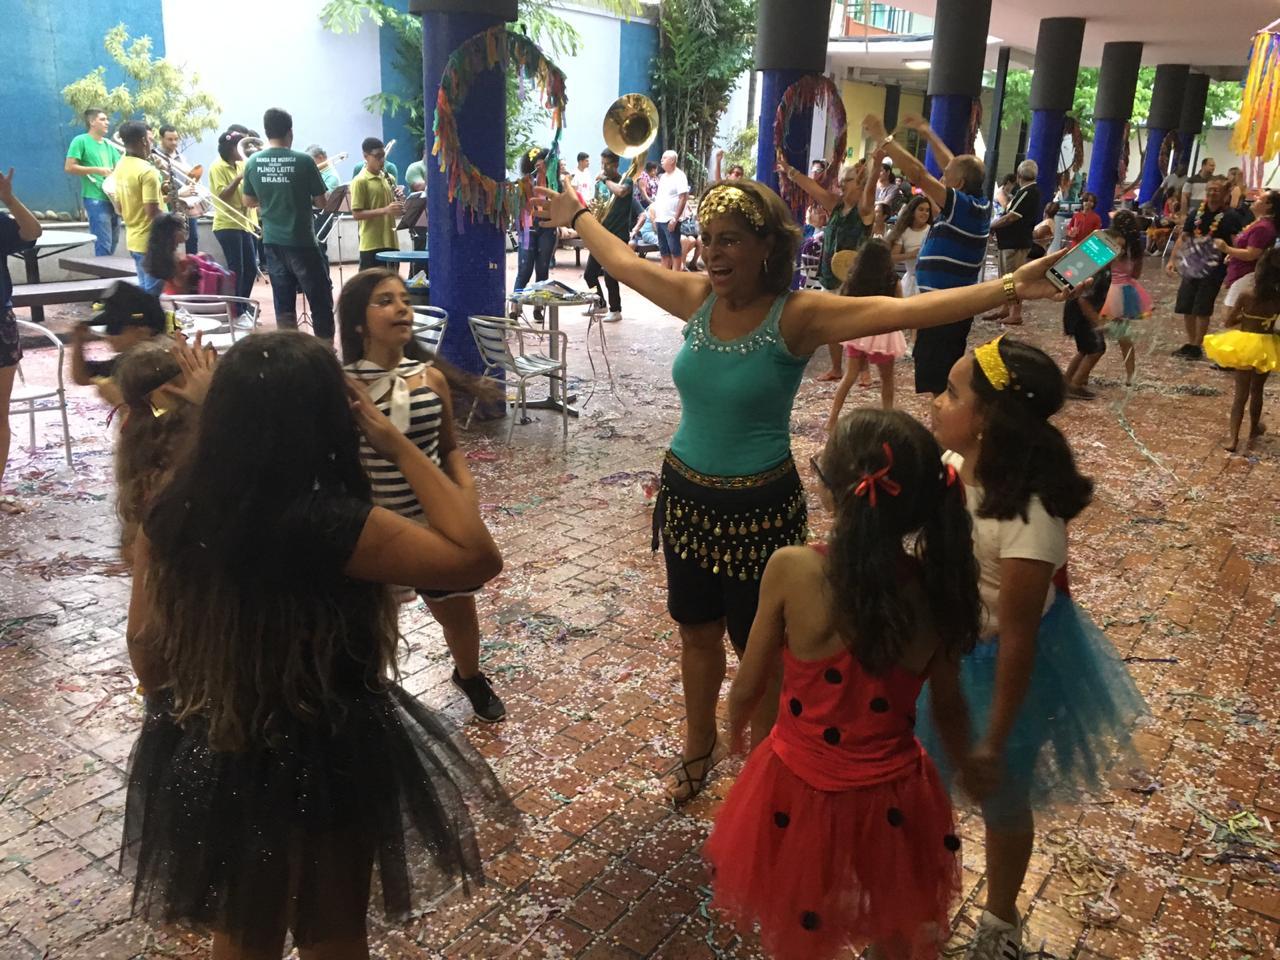 Carnaval: FOLIA e ALEGRIA da infância a terceira idade